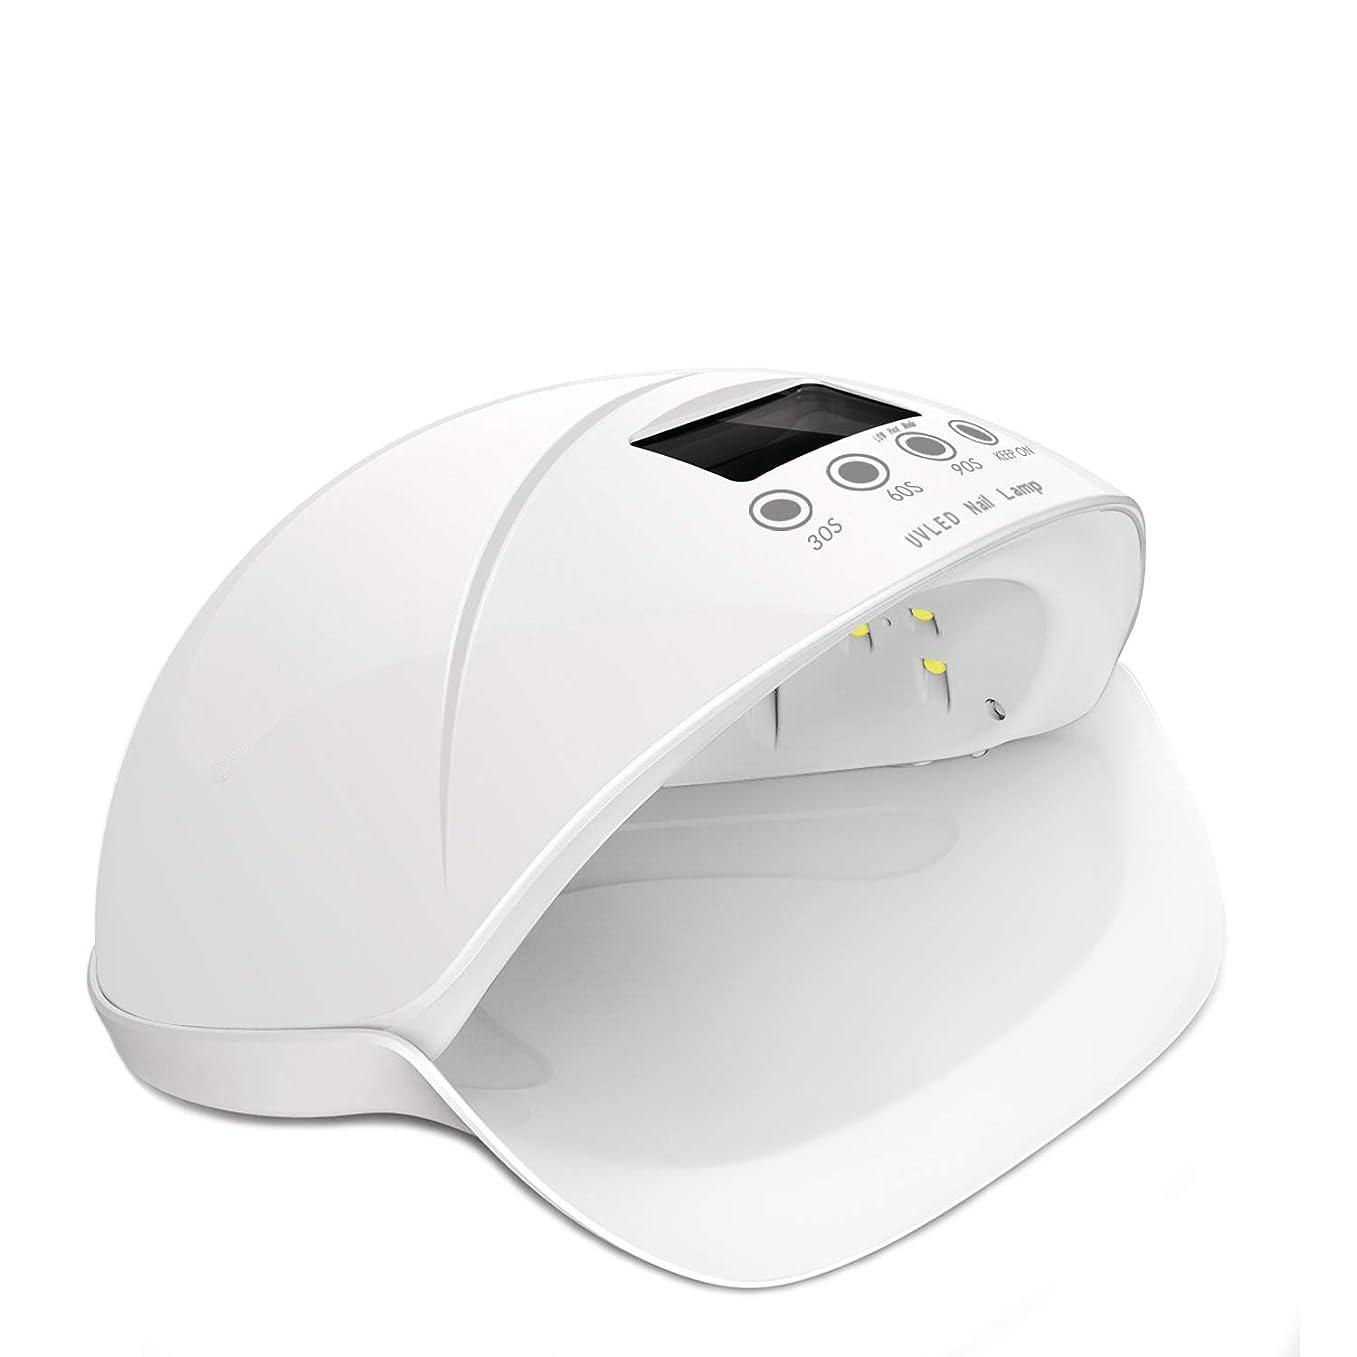 文庫本現代小人KABB ジェルネイルLEDライト ハイパワー 50W 赤外線 ホワイトニング ネイル オイル 速乾 三種類タイマー 設定可能 ネイルドライヤー マニキュア用 手 足 両用 UV LED ダブル 光源 搭載 UVライト ネイル